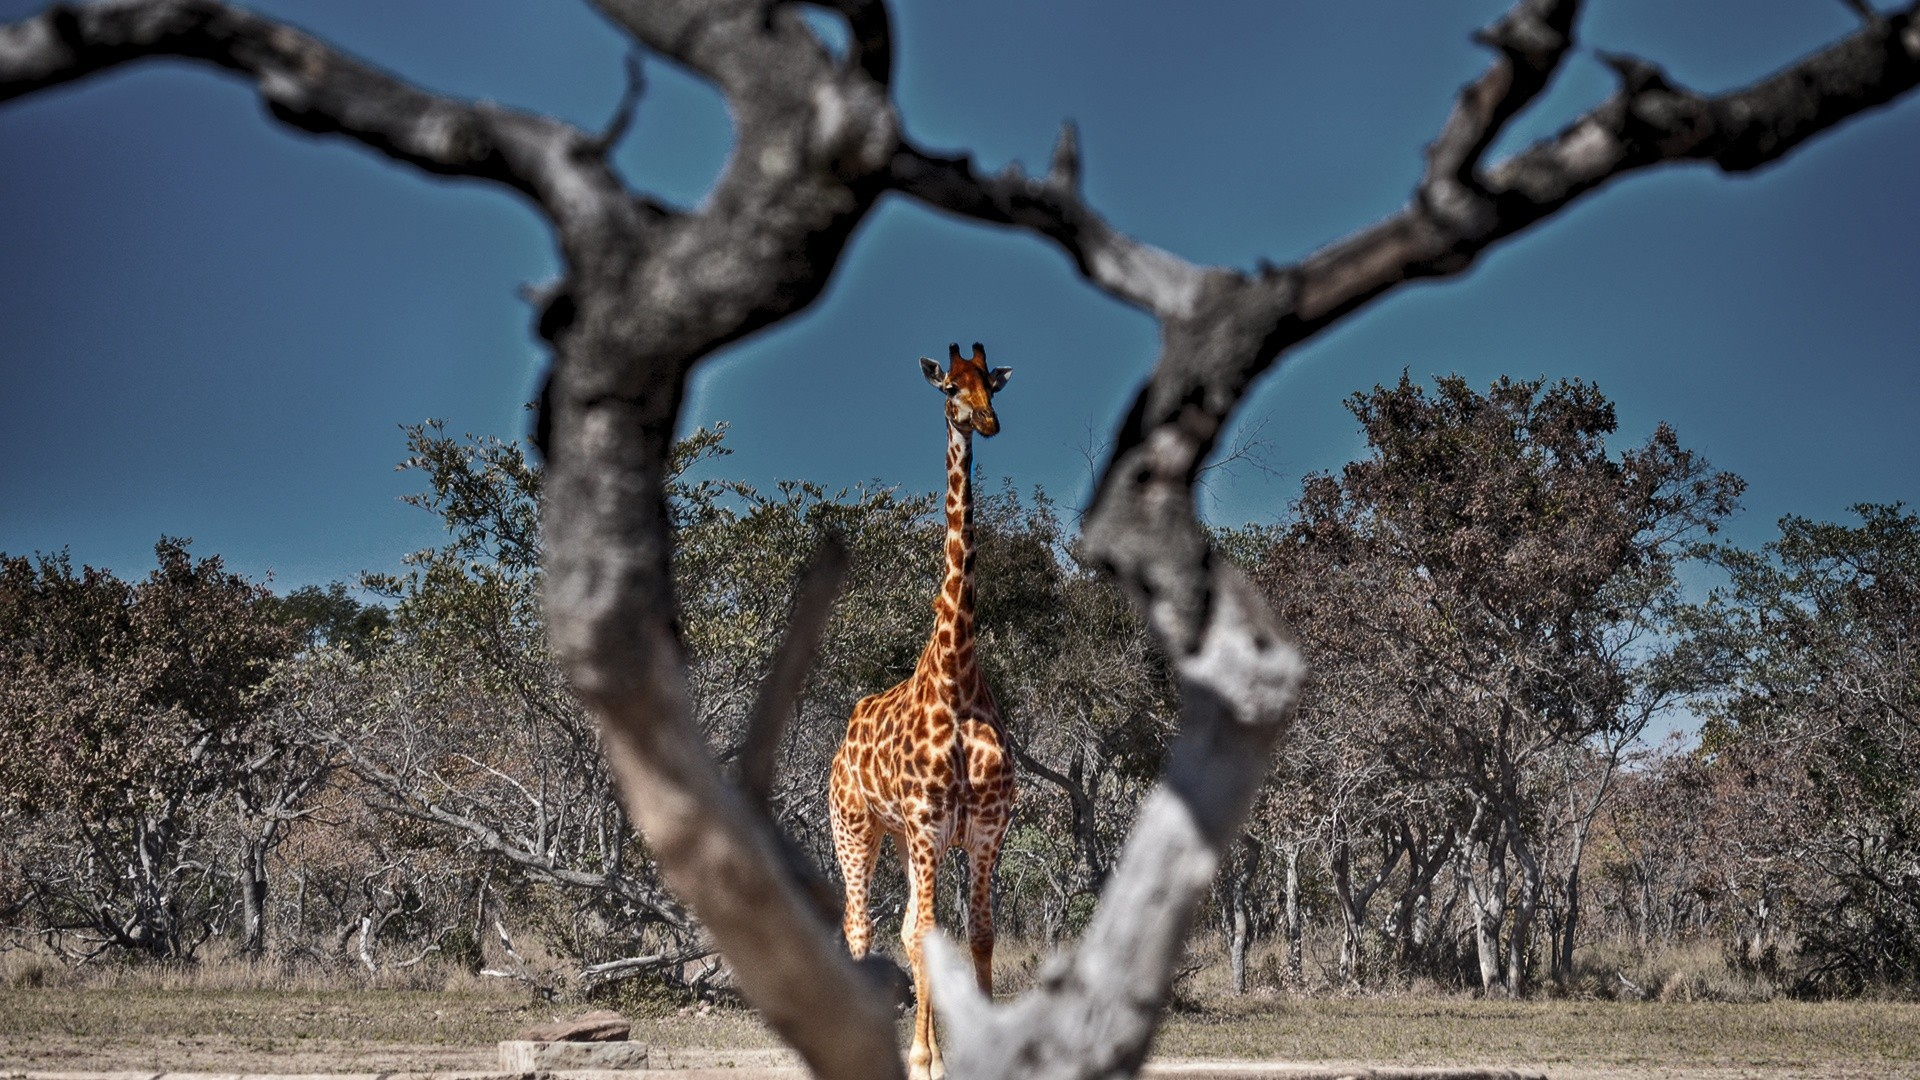 жираф на дереве картинки для великих сооружений